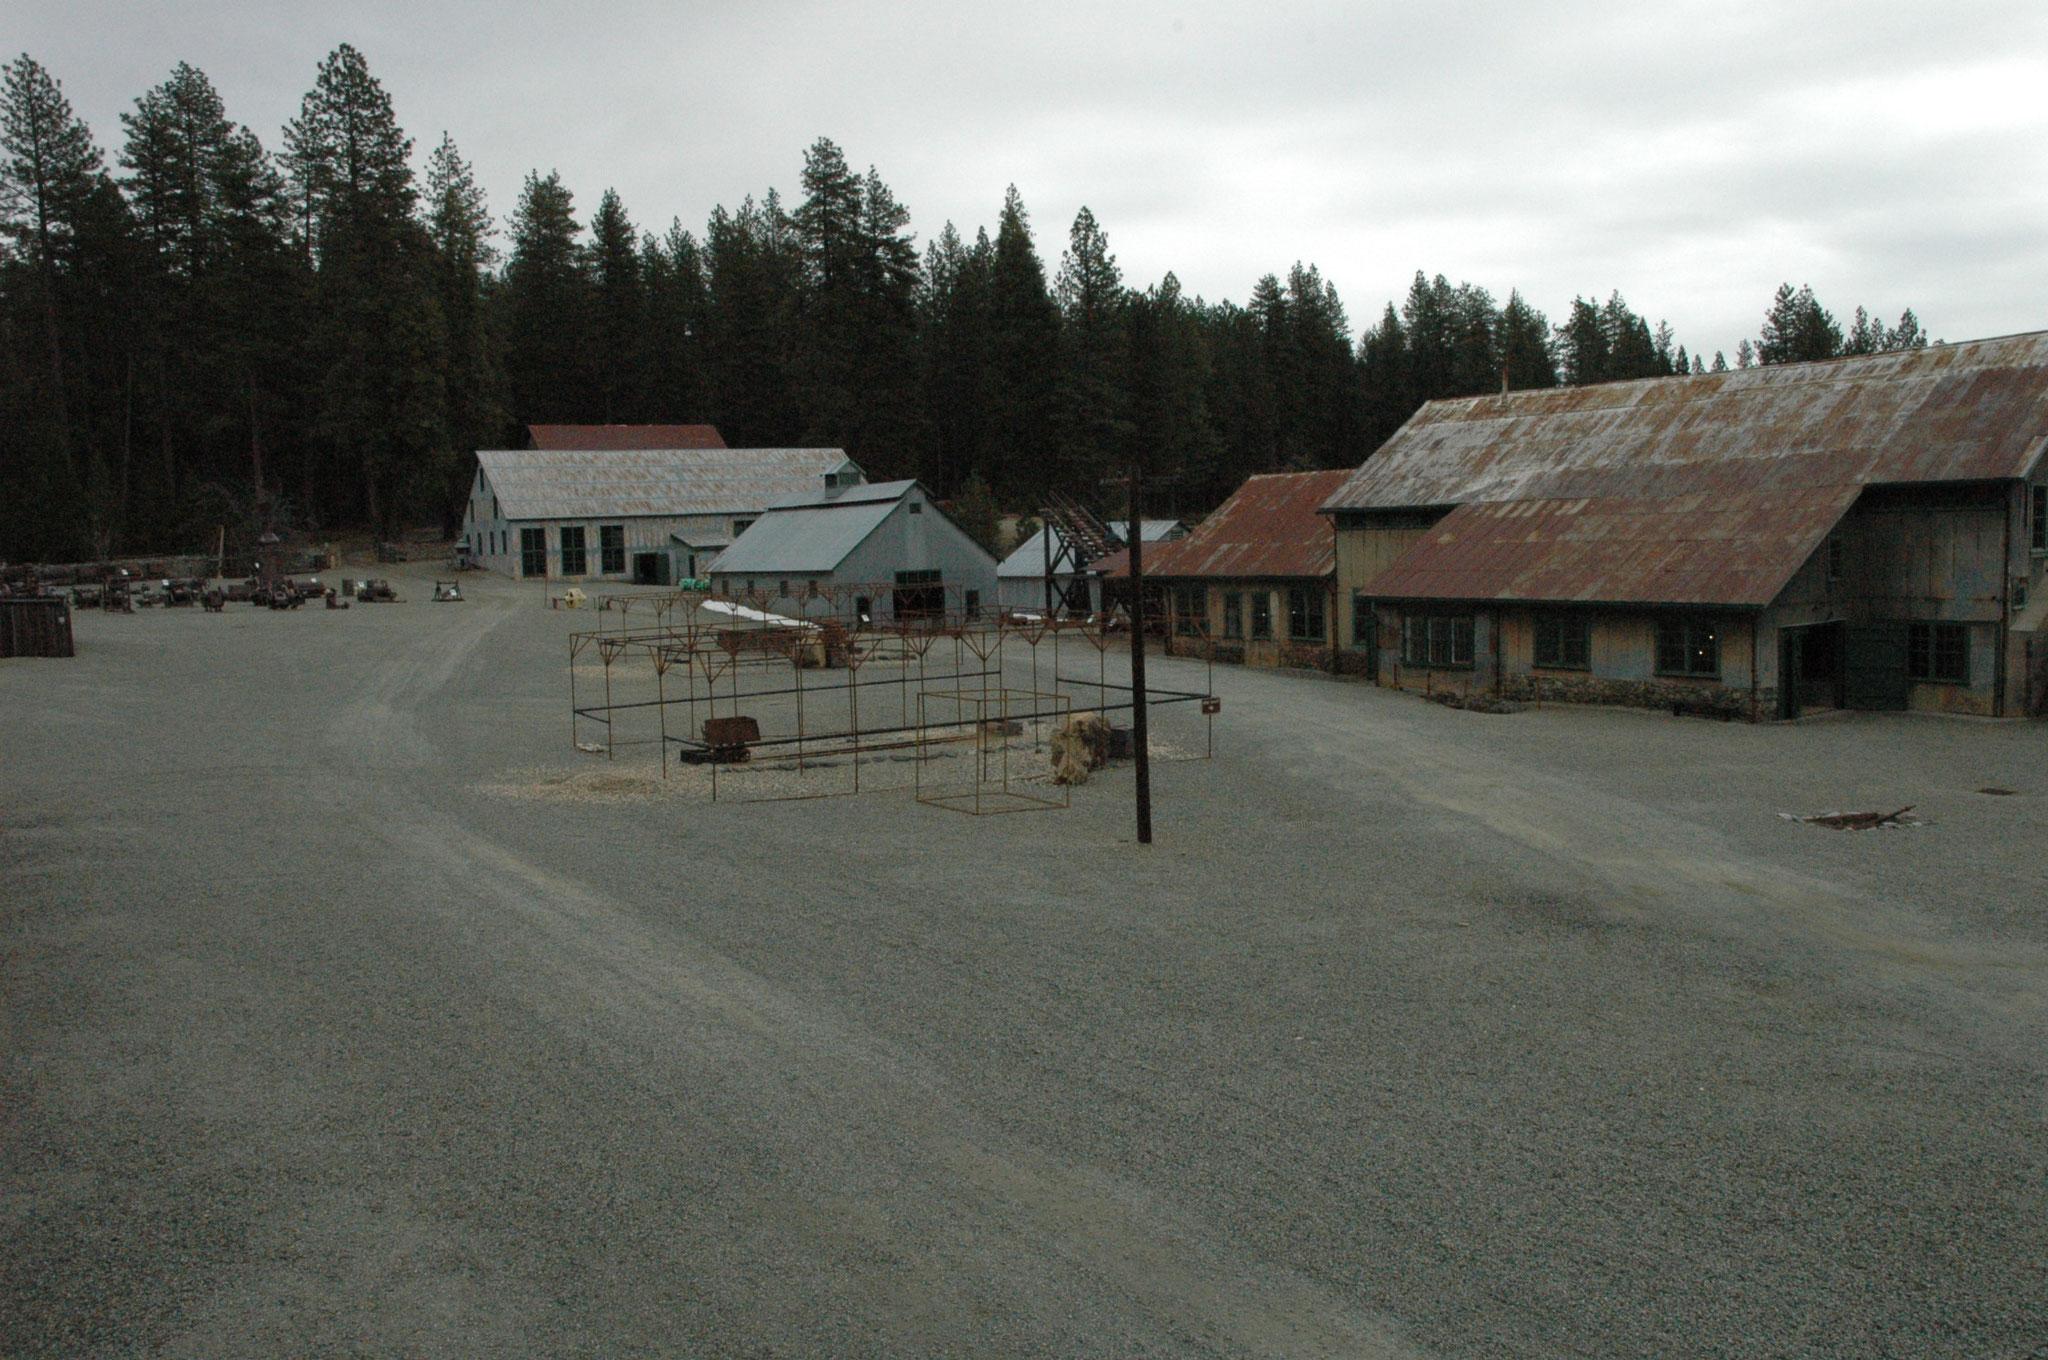 採掘機器群を製造・修理する作業場の建物